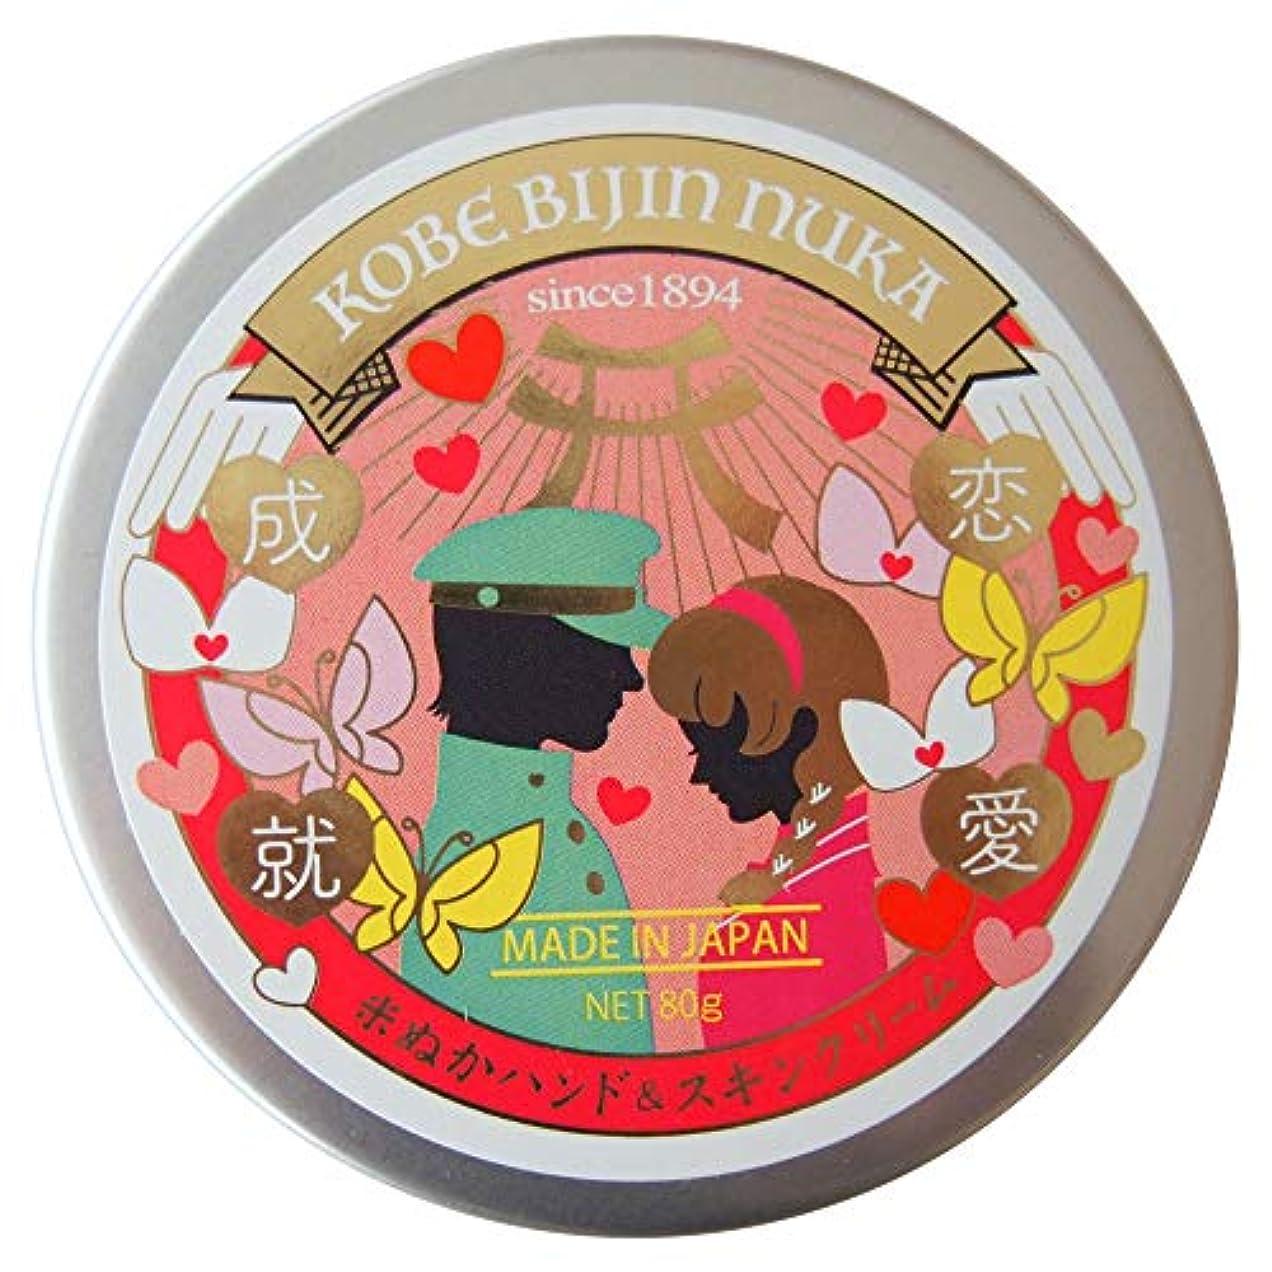 しっかりシャックル忌まわしい神戸美人ぬか 米ぬかハンド&スキンクリーム(恋愛成就)【キュートフローラルの香り】 80g